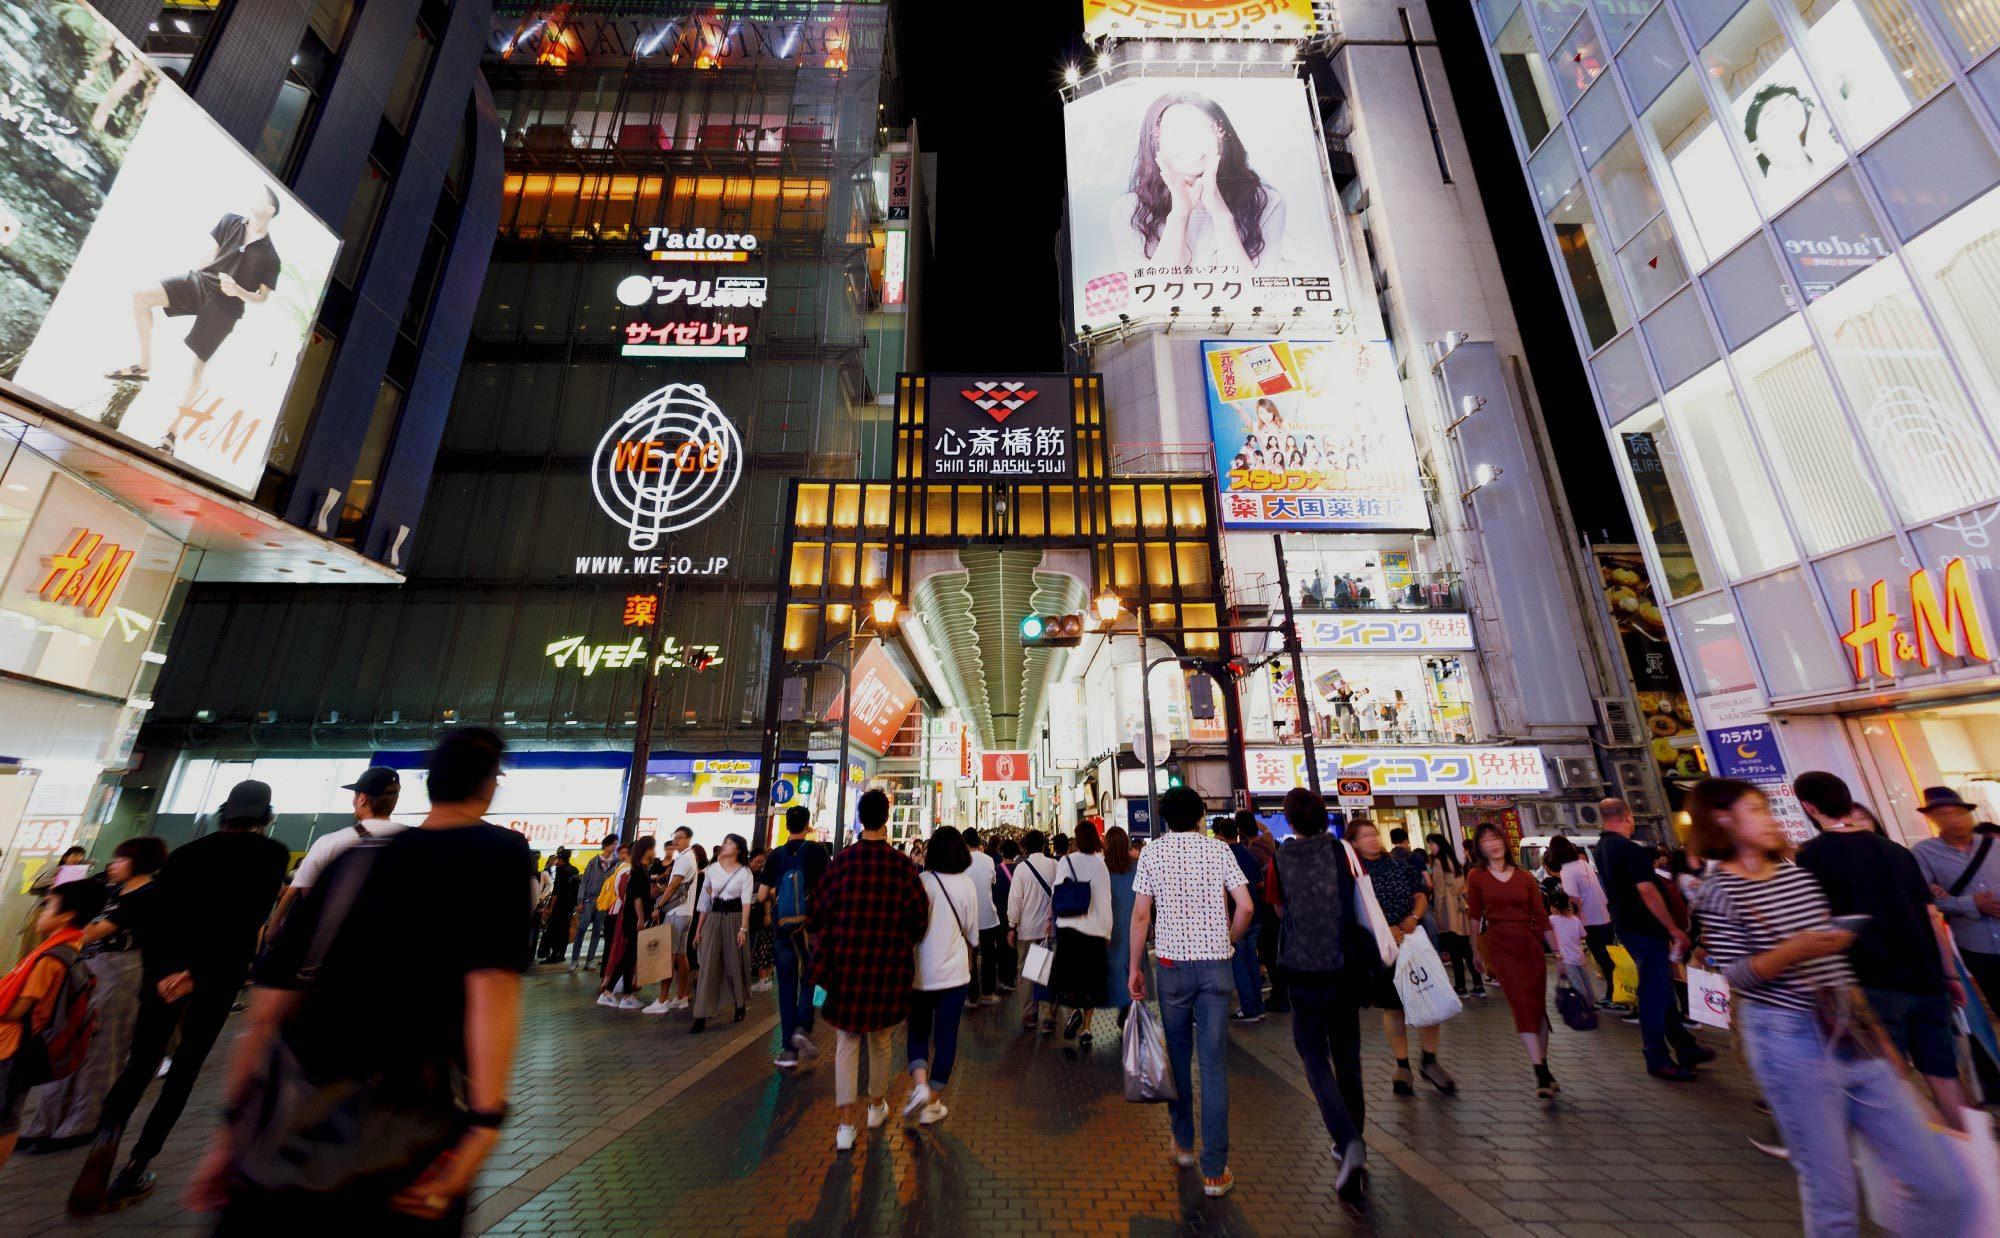 大阪の中心といえば? 人情とトレンド溢れる心斎橋筋商店街で暮らそう